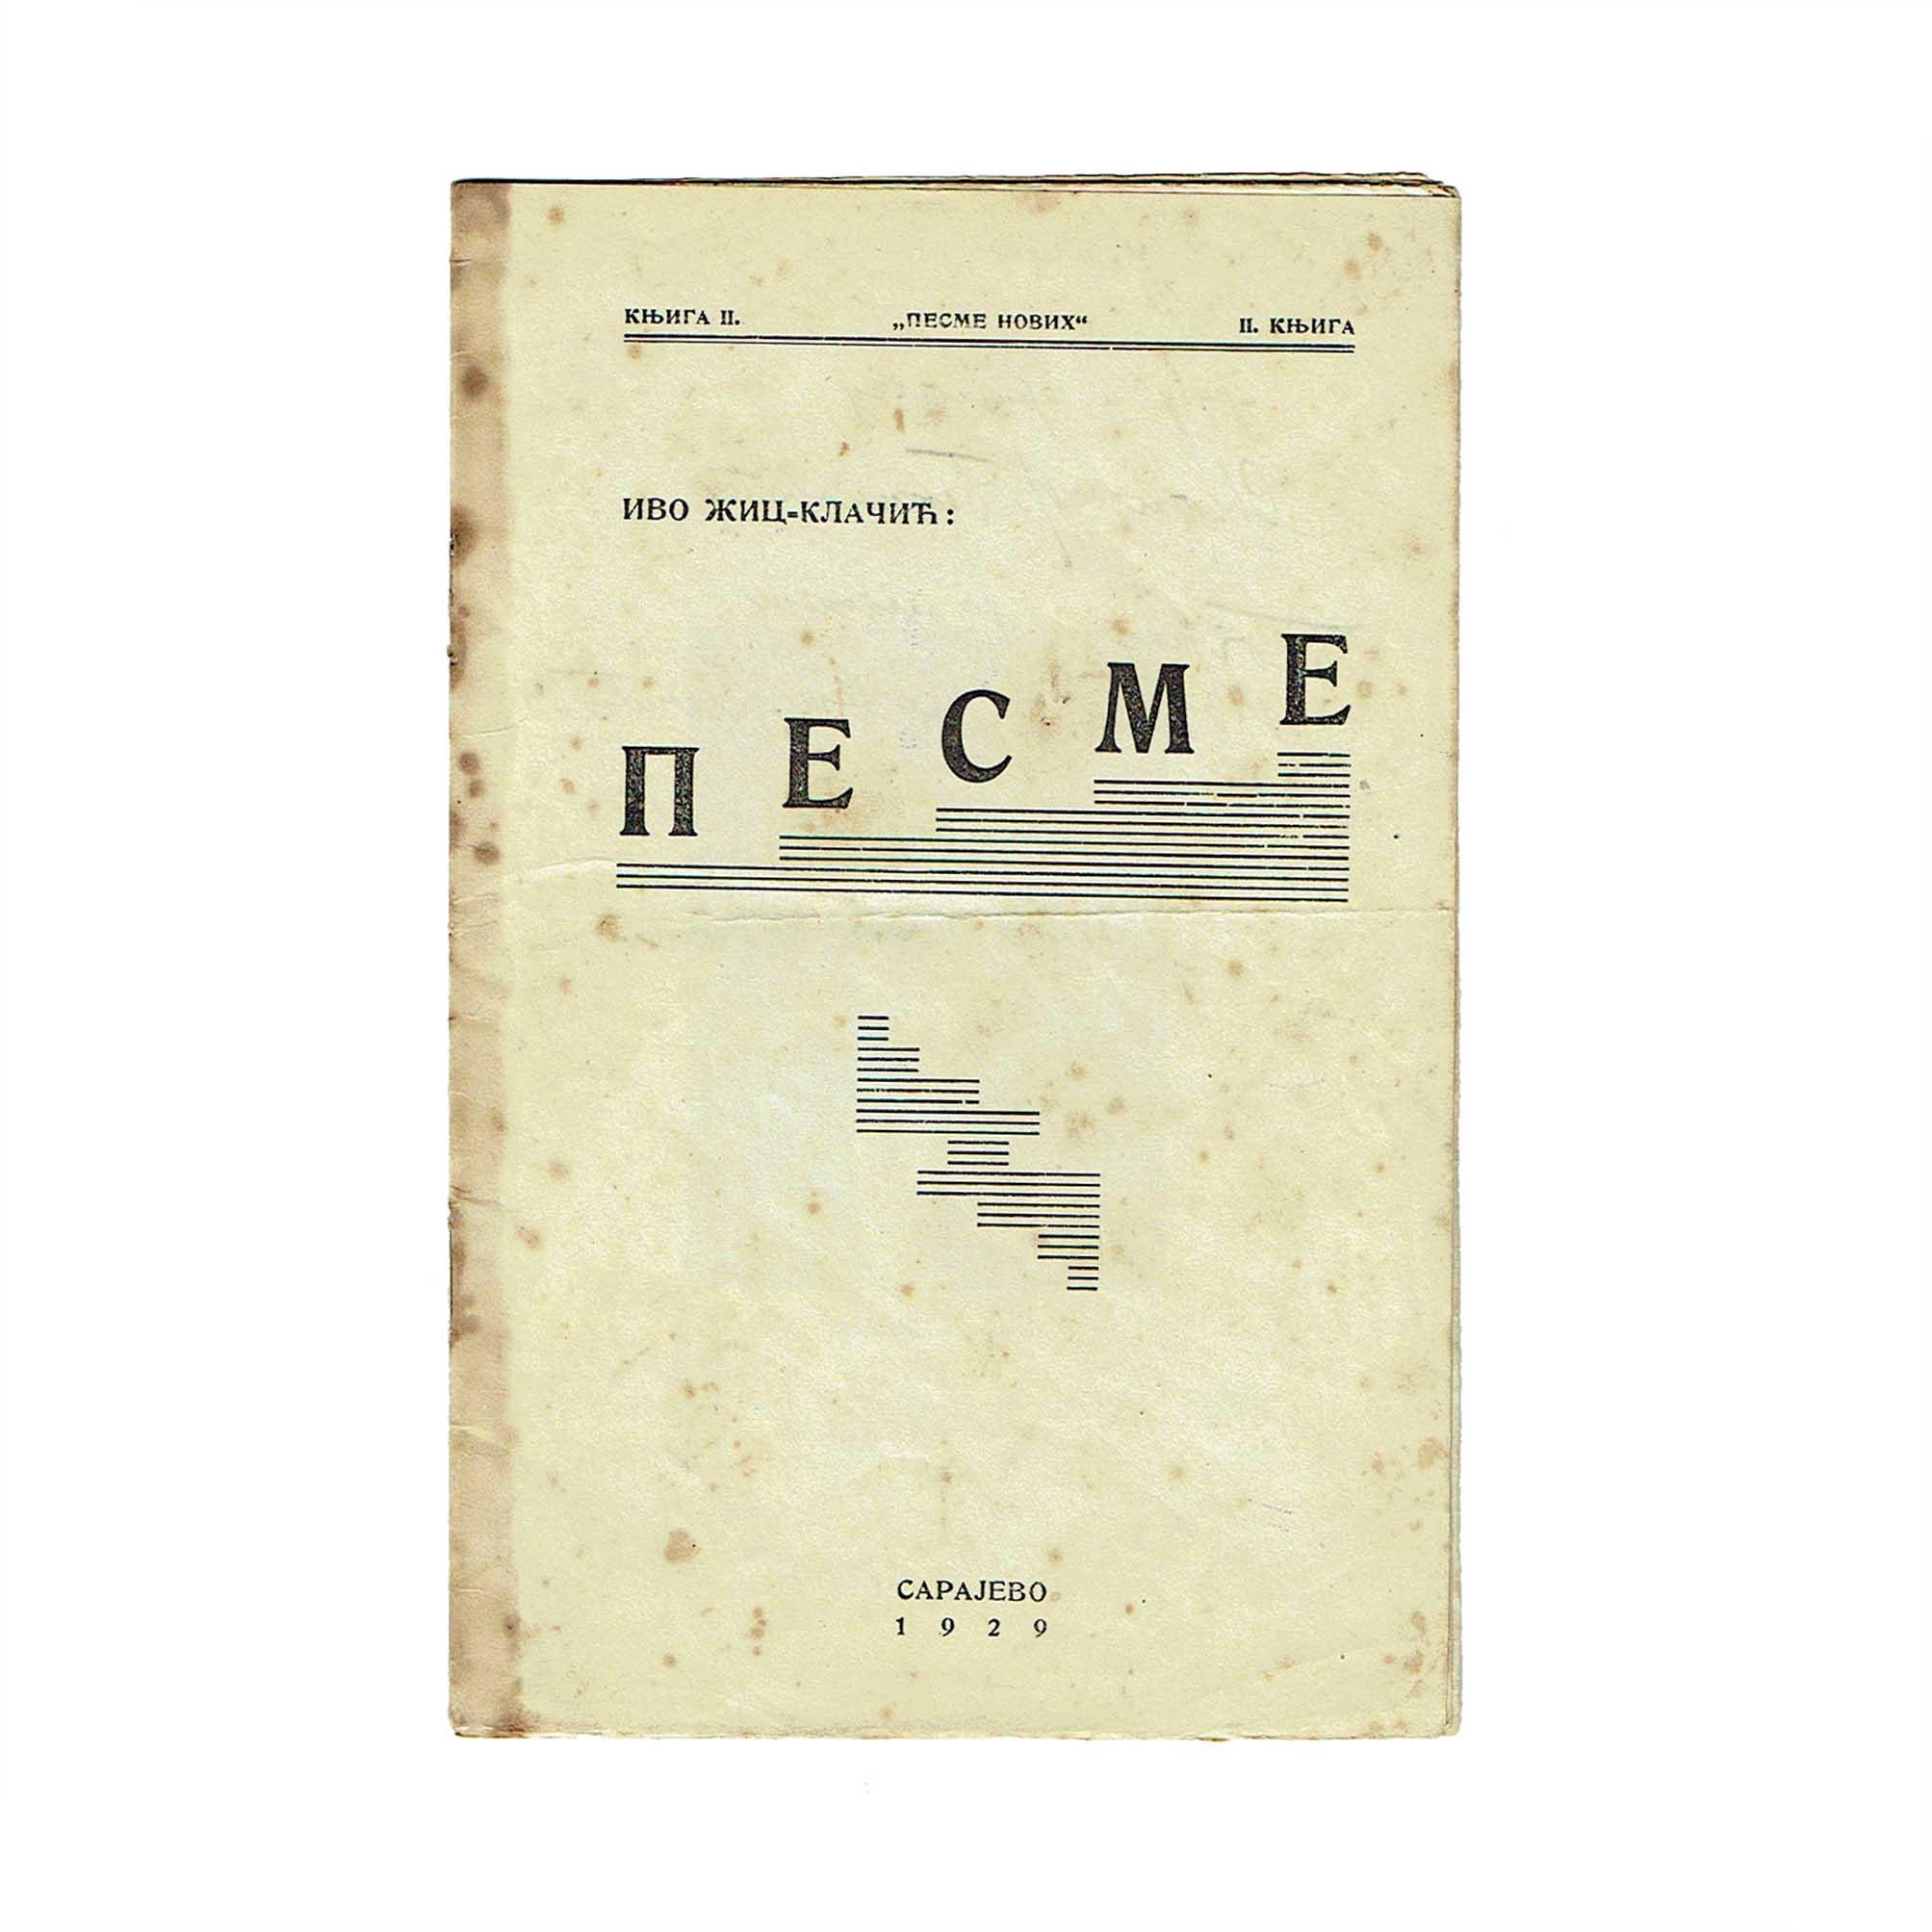 5603-Zic-Klacic-Pesme-1929-Umschlagtitel-frei-N.jpg